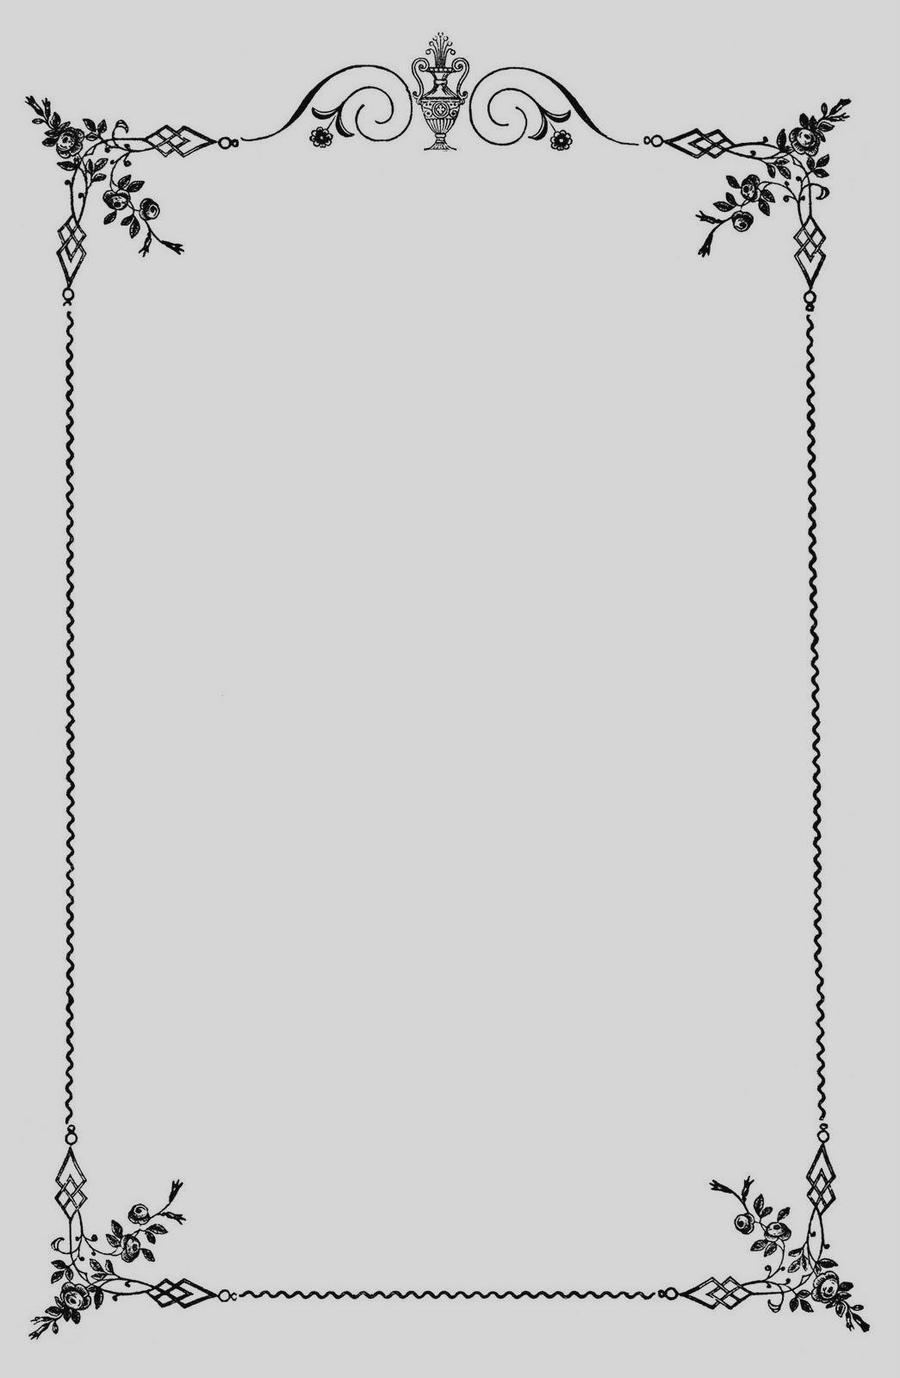 Download menu border clipart Borders and Frames Decorative.